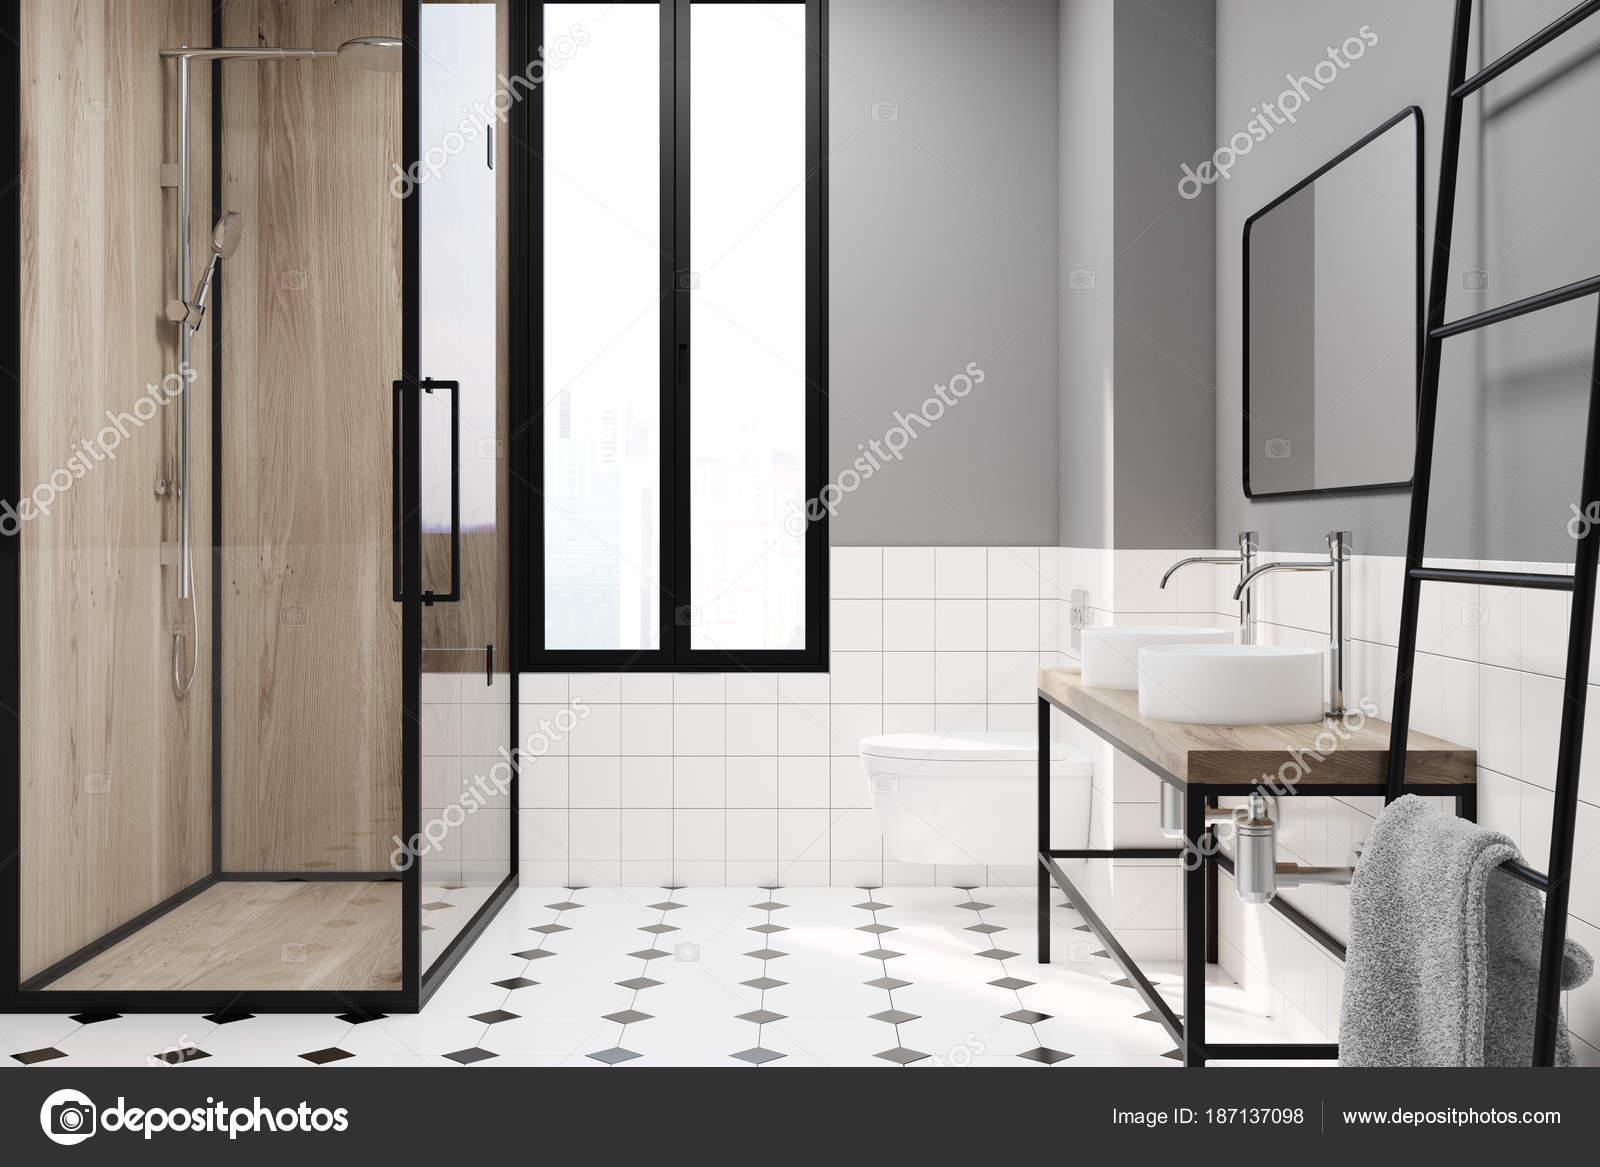 Modernes Grau Badezimmer Deko Idee. Ein Schwarz Weiß Gefliesten Boden, Ein  Schmales Fenster, Eine Hölzerne Dusche, Zwei Waschbecken Und Eine Leiter.